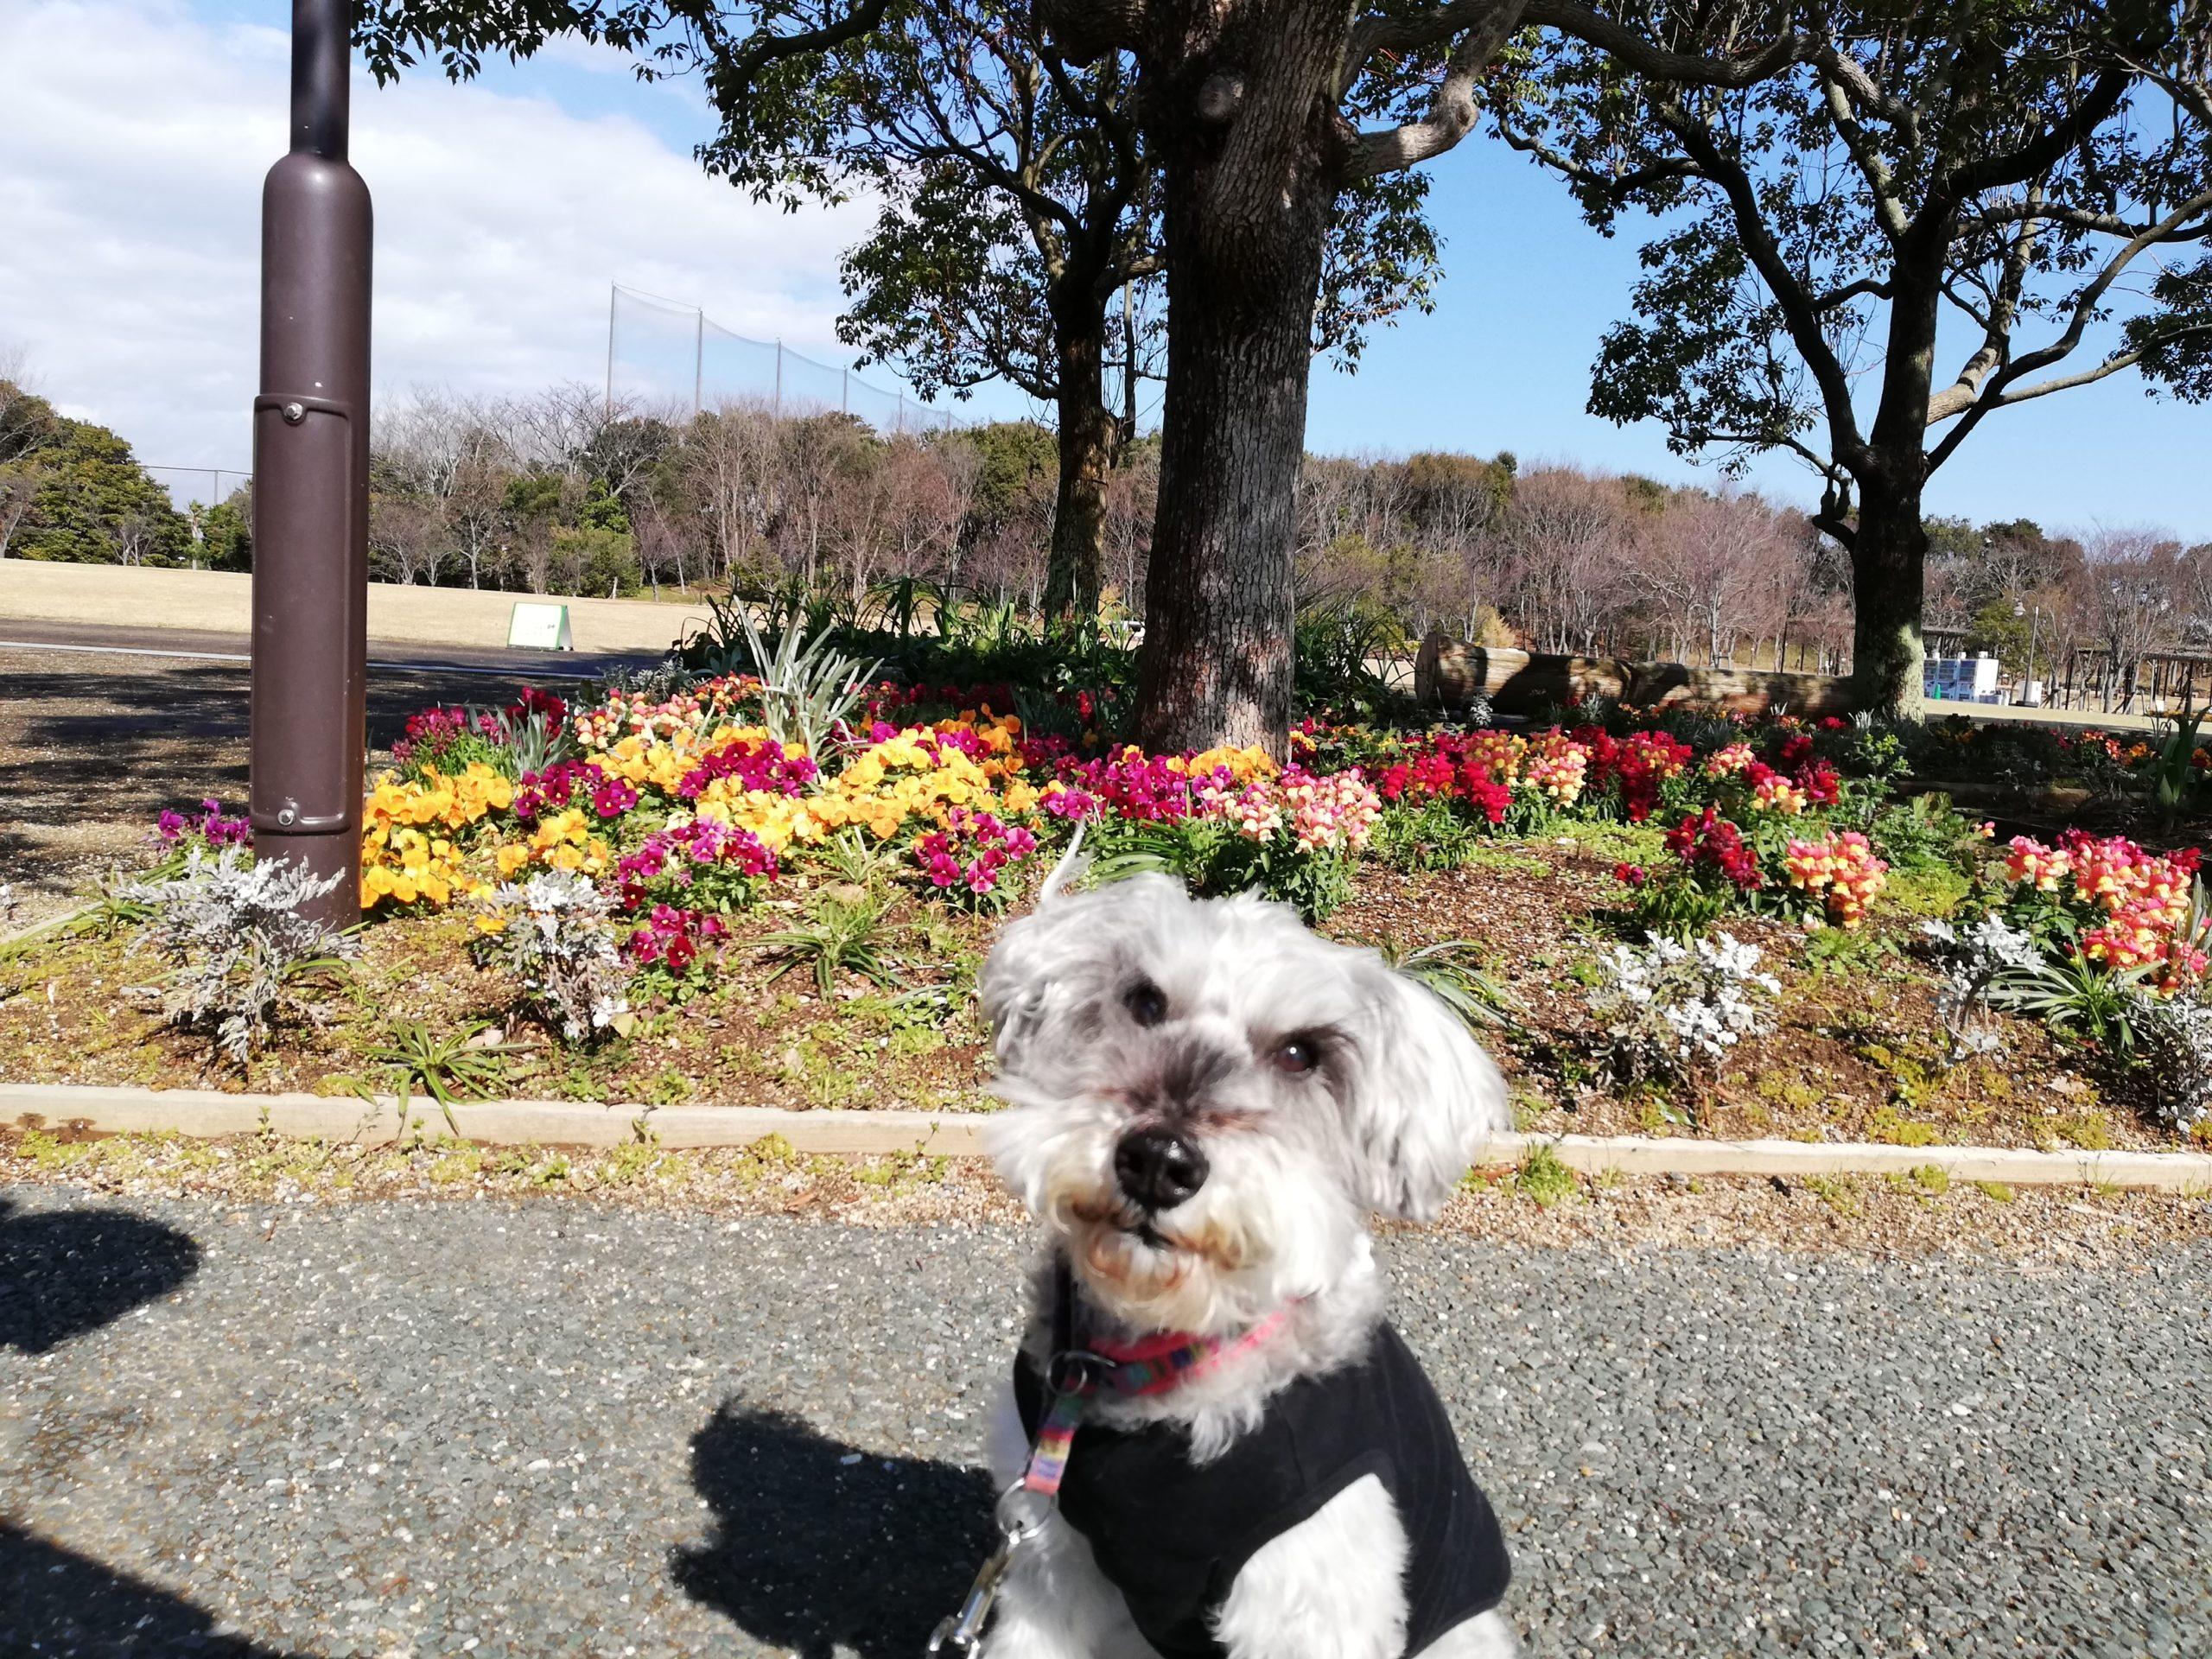 静岡県内でペットと遊ぶ 静岡県浜松市 浜名湖ガーデンパーク 風が強い